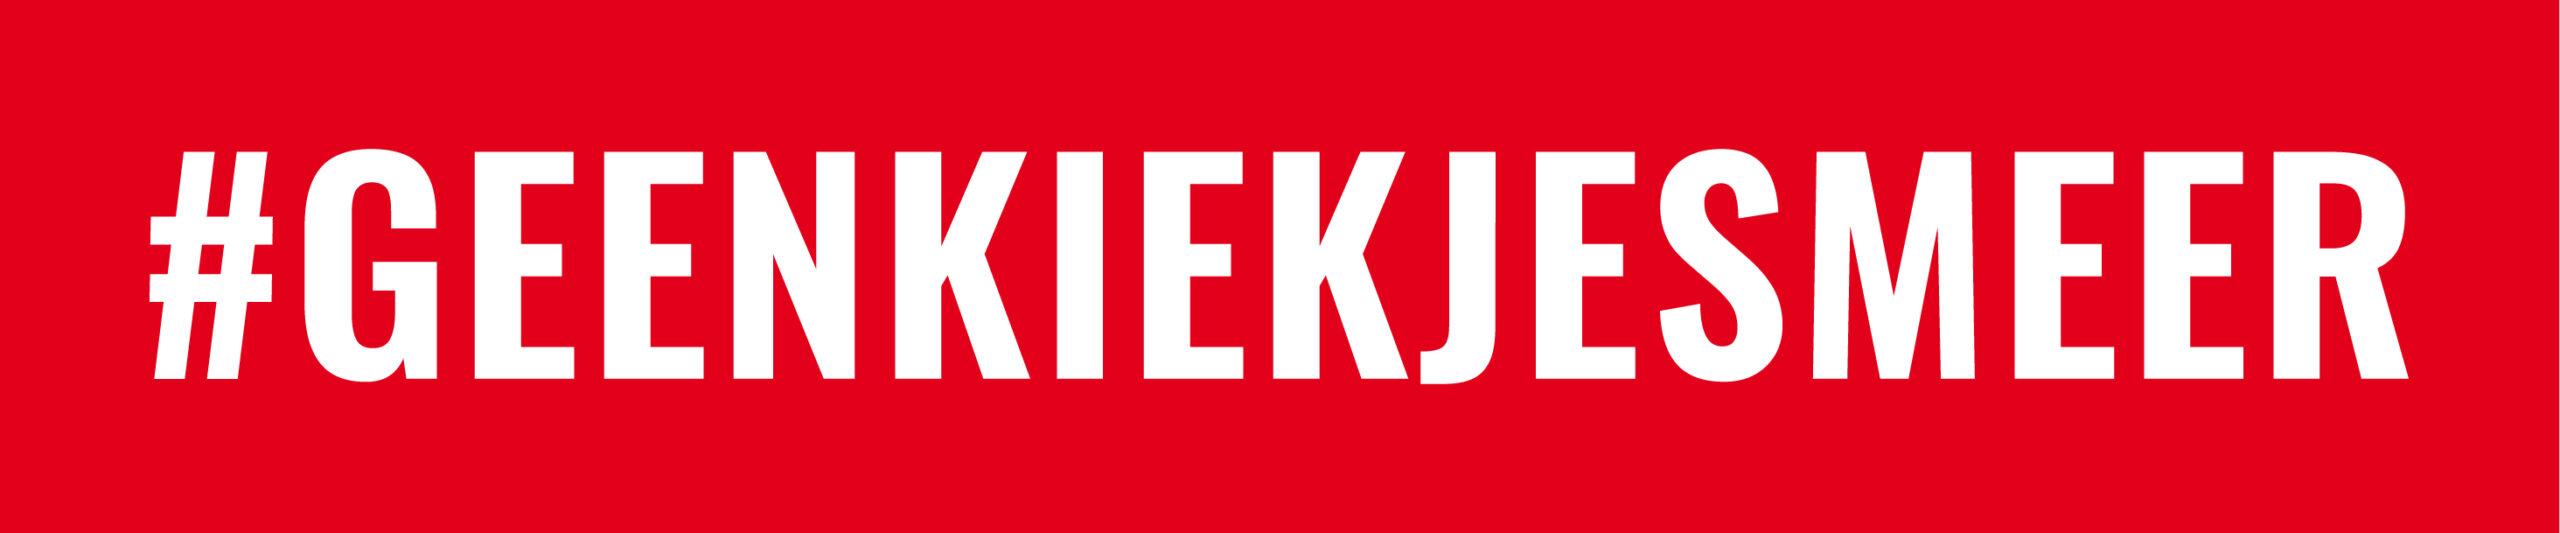 logo #geenkiekjesmeer